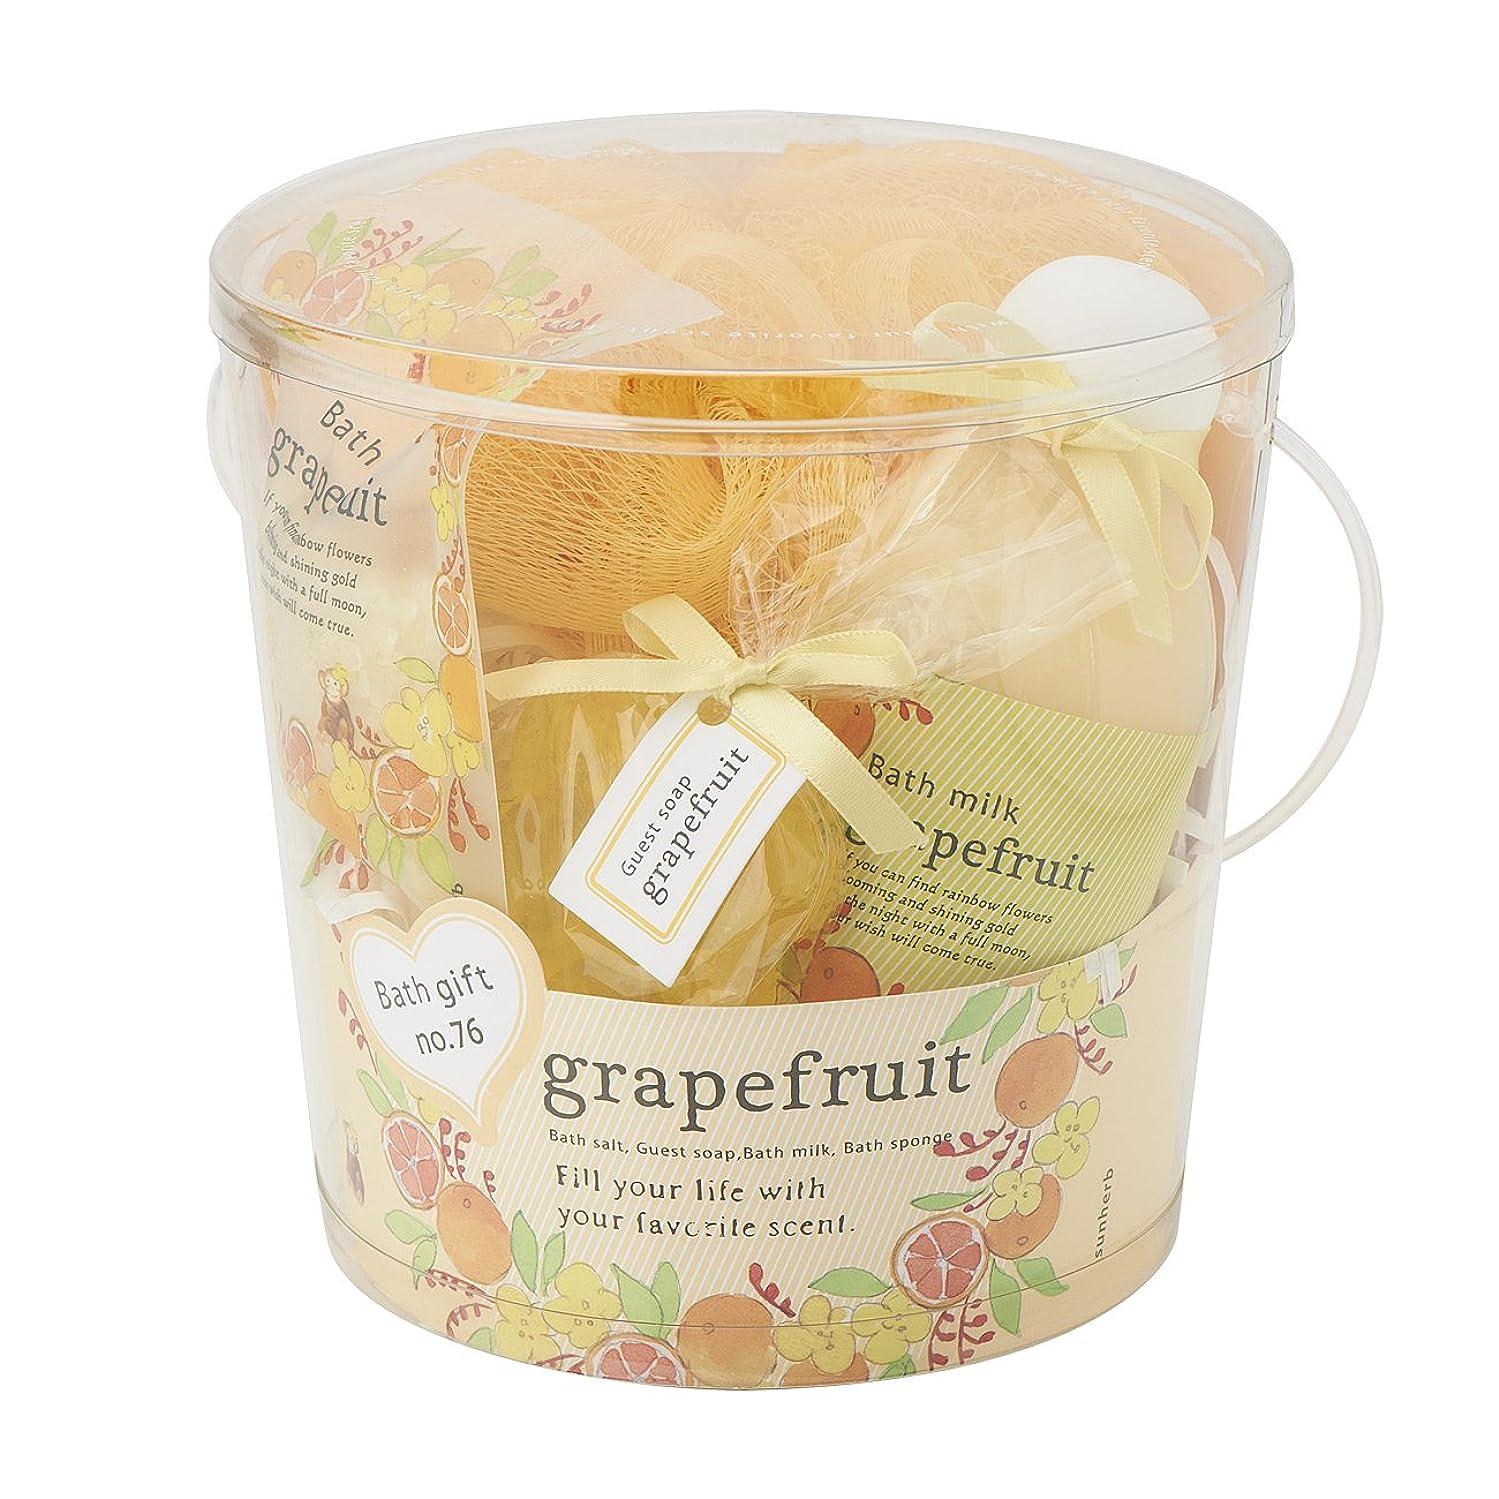 ドア気楽な一定サンハーブ バスギフトNo.76 グレープフルーツ(バスミルク入りのボリューミーなバスセット シャキっとまぶしい柑橘系の香り)